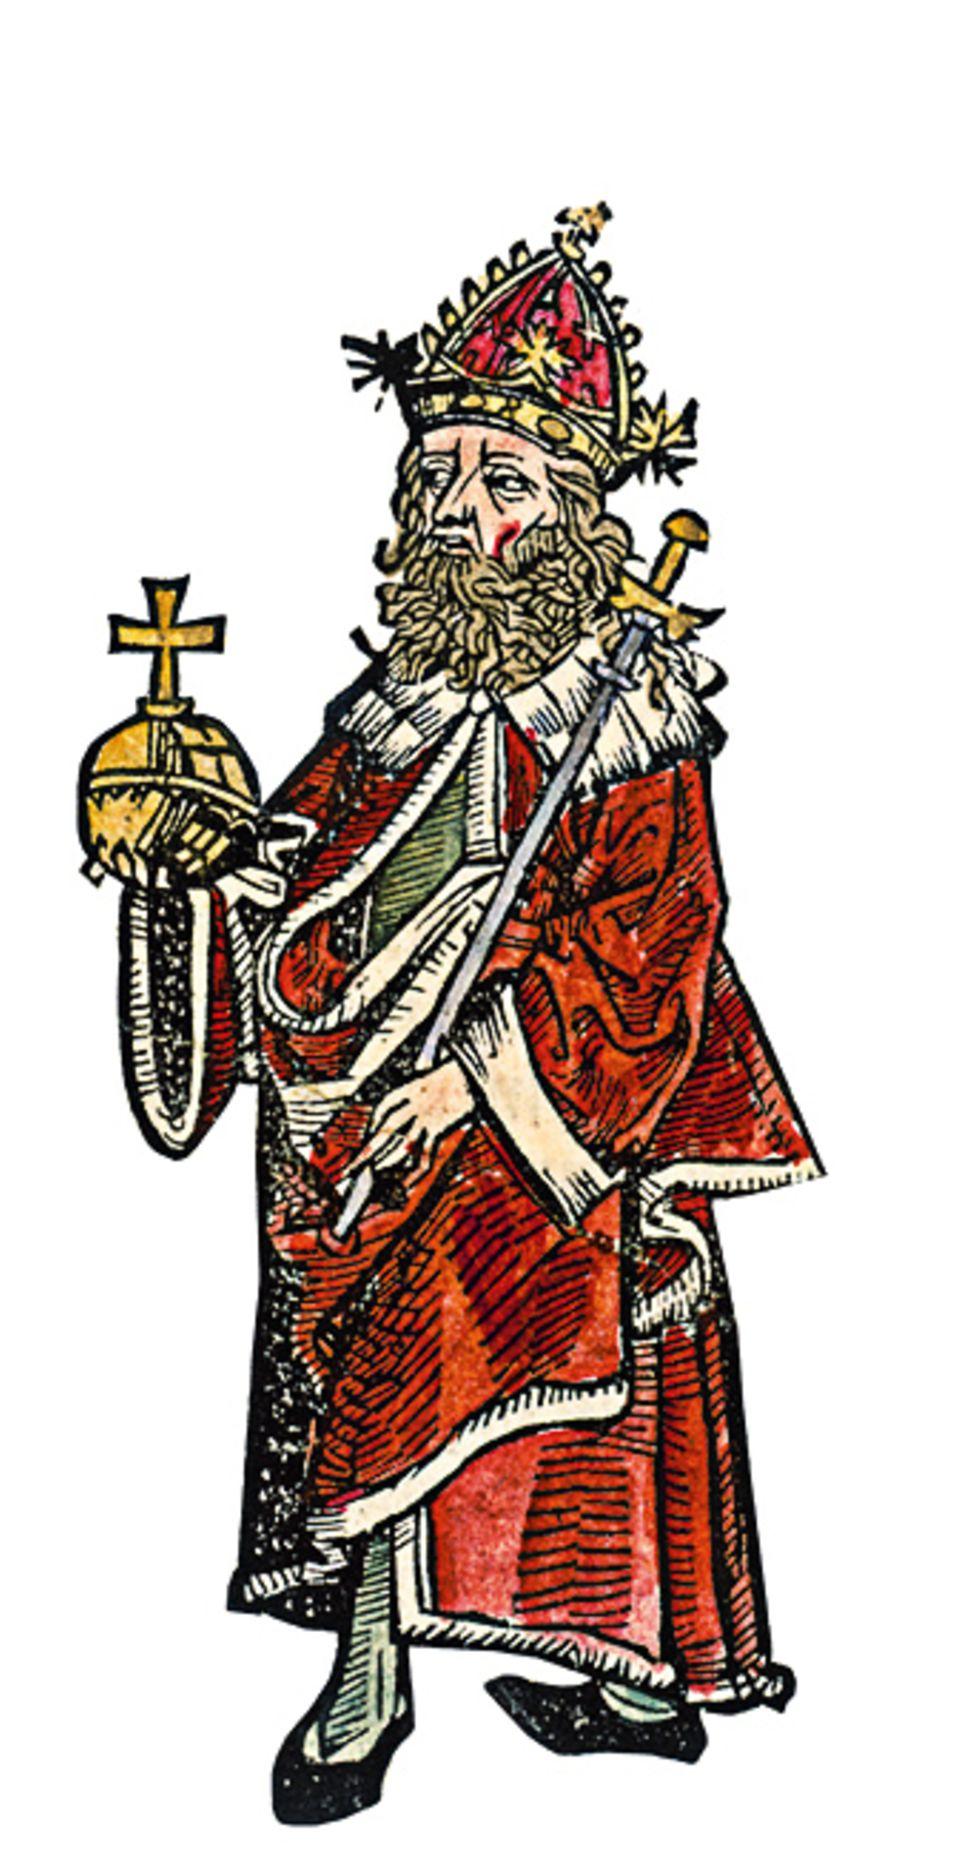 Otto der Grosse: Die Insignien der römisch-deutschen Kaiser, die Otto I. hier trägt, symbolisieren den Anspruch der Monarchen auf universale christliche Weltherrschaft (um 1490)